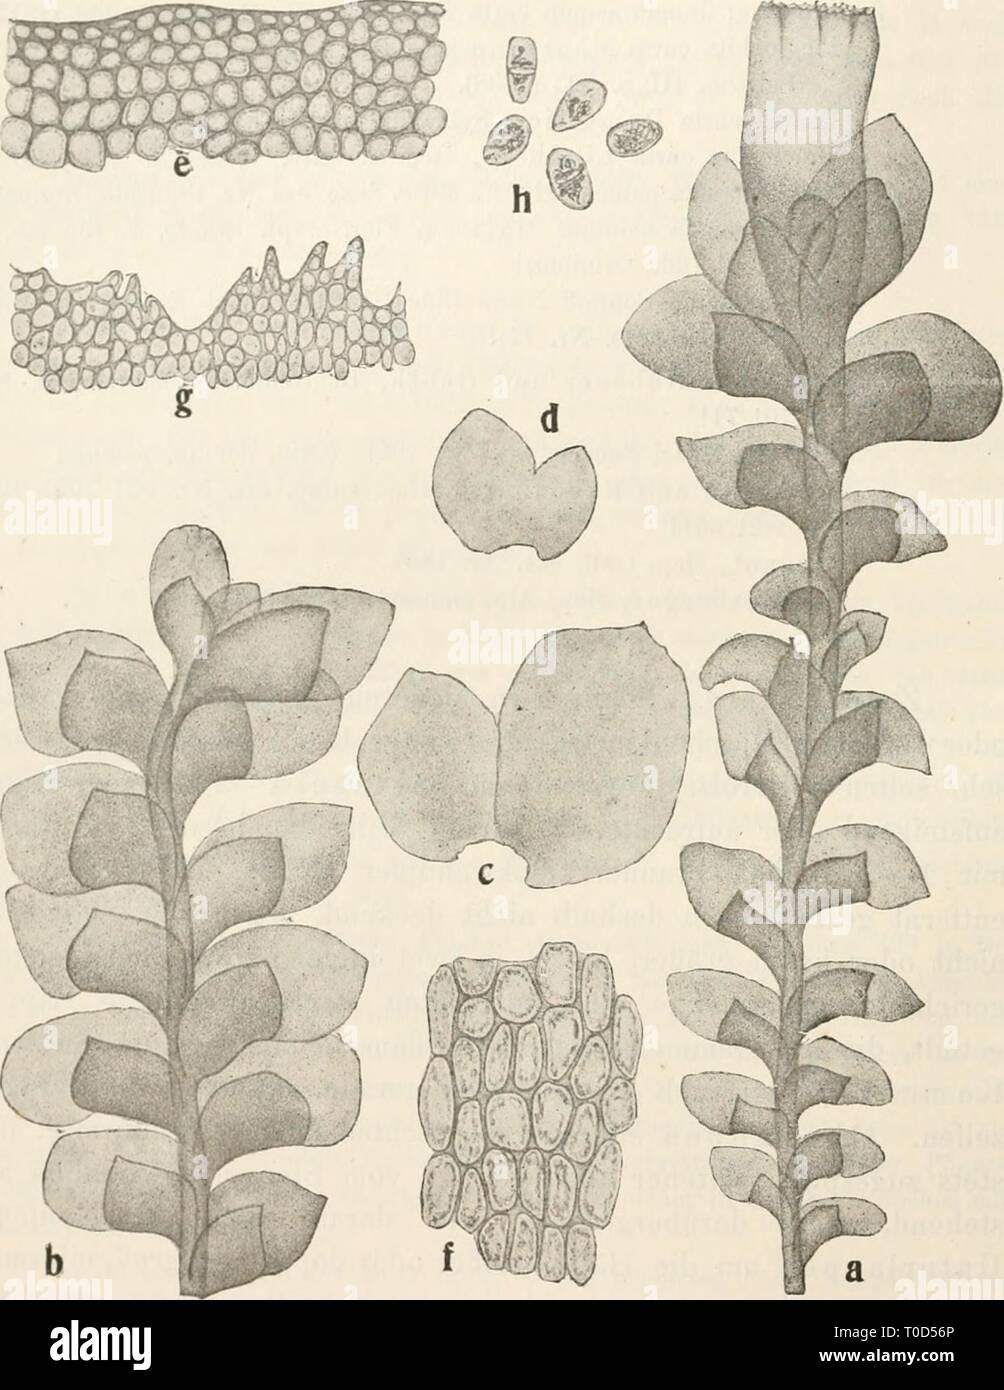 Dr L Rabenhorst's Kryptogamen-Flora von Stock Photo